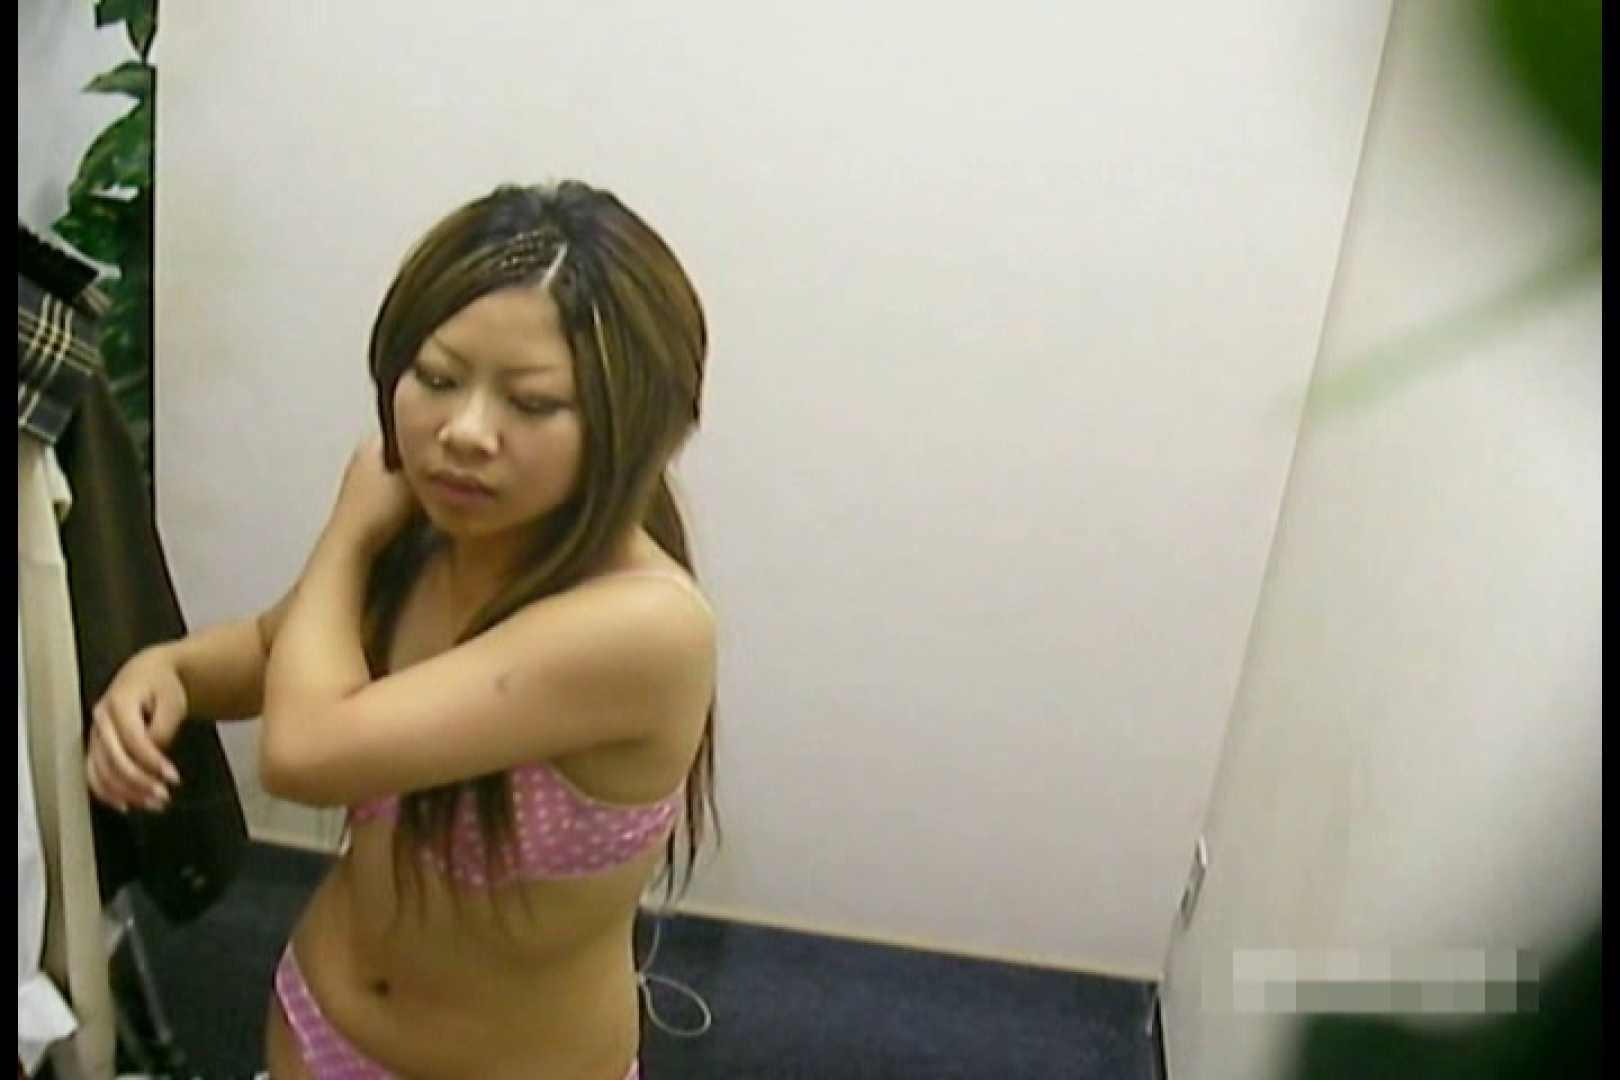 素人撮影 下着だけの撮影のはずが・・・幸子18歳 着替え | 盗撮  71PIX 37